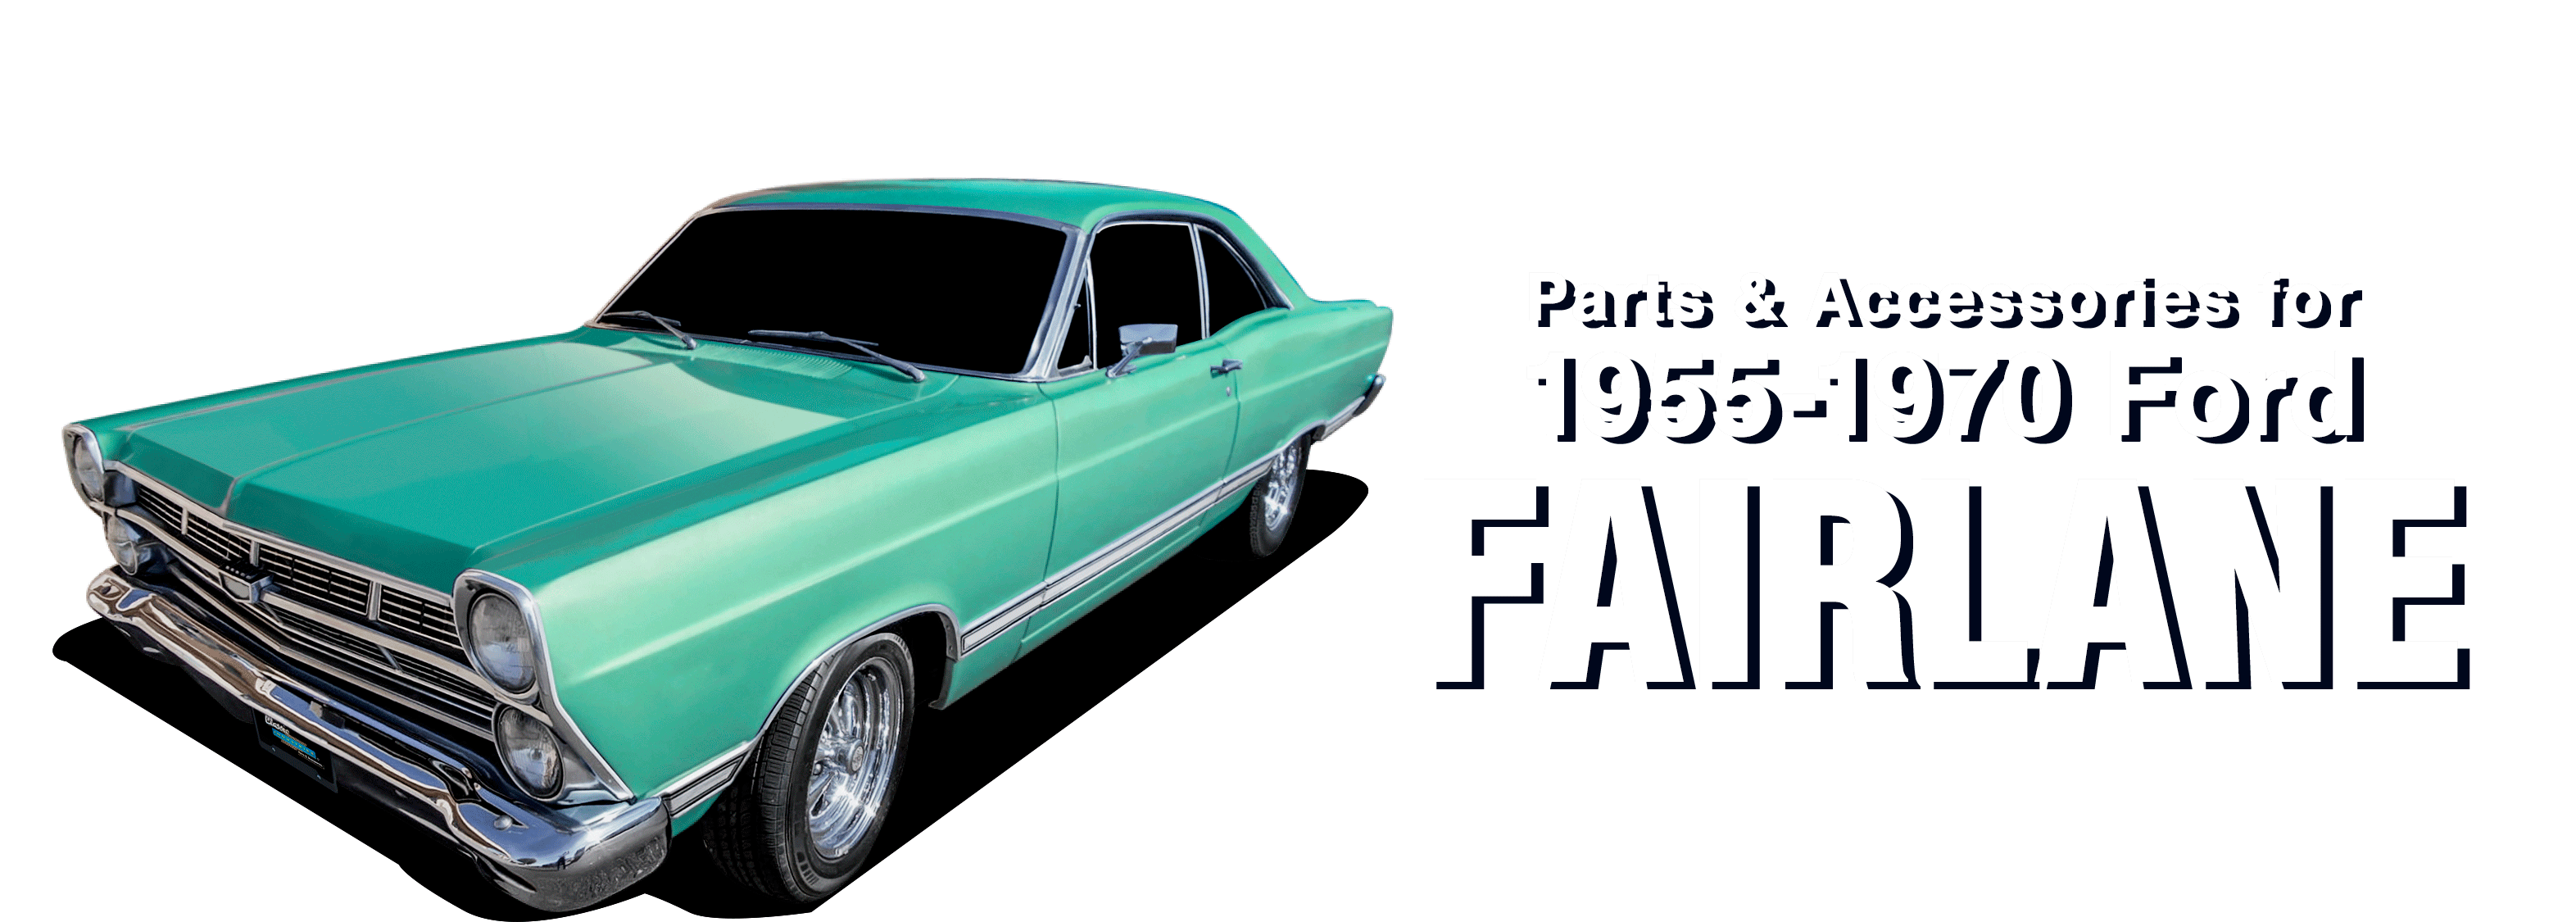 Ford-Fairlane-vehicle-desktop_v2